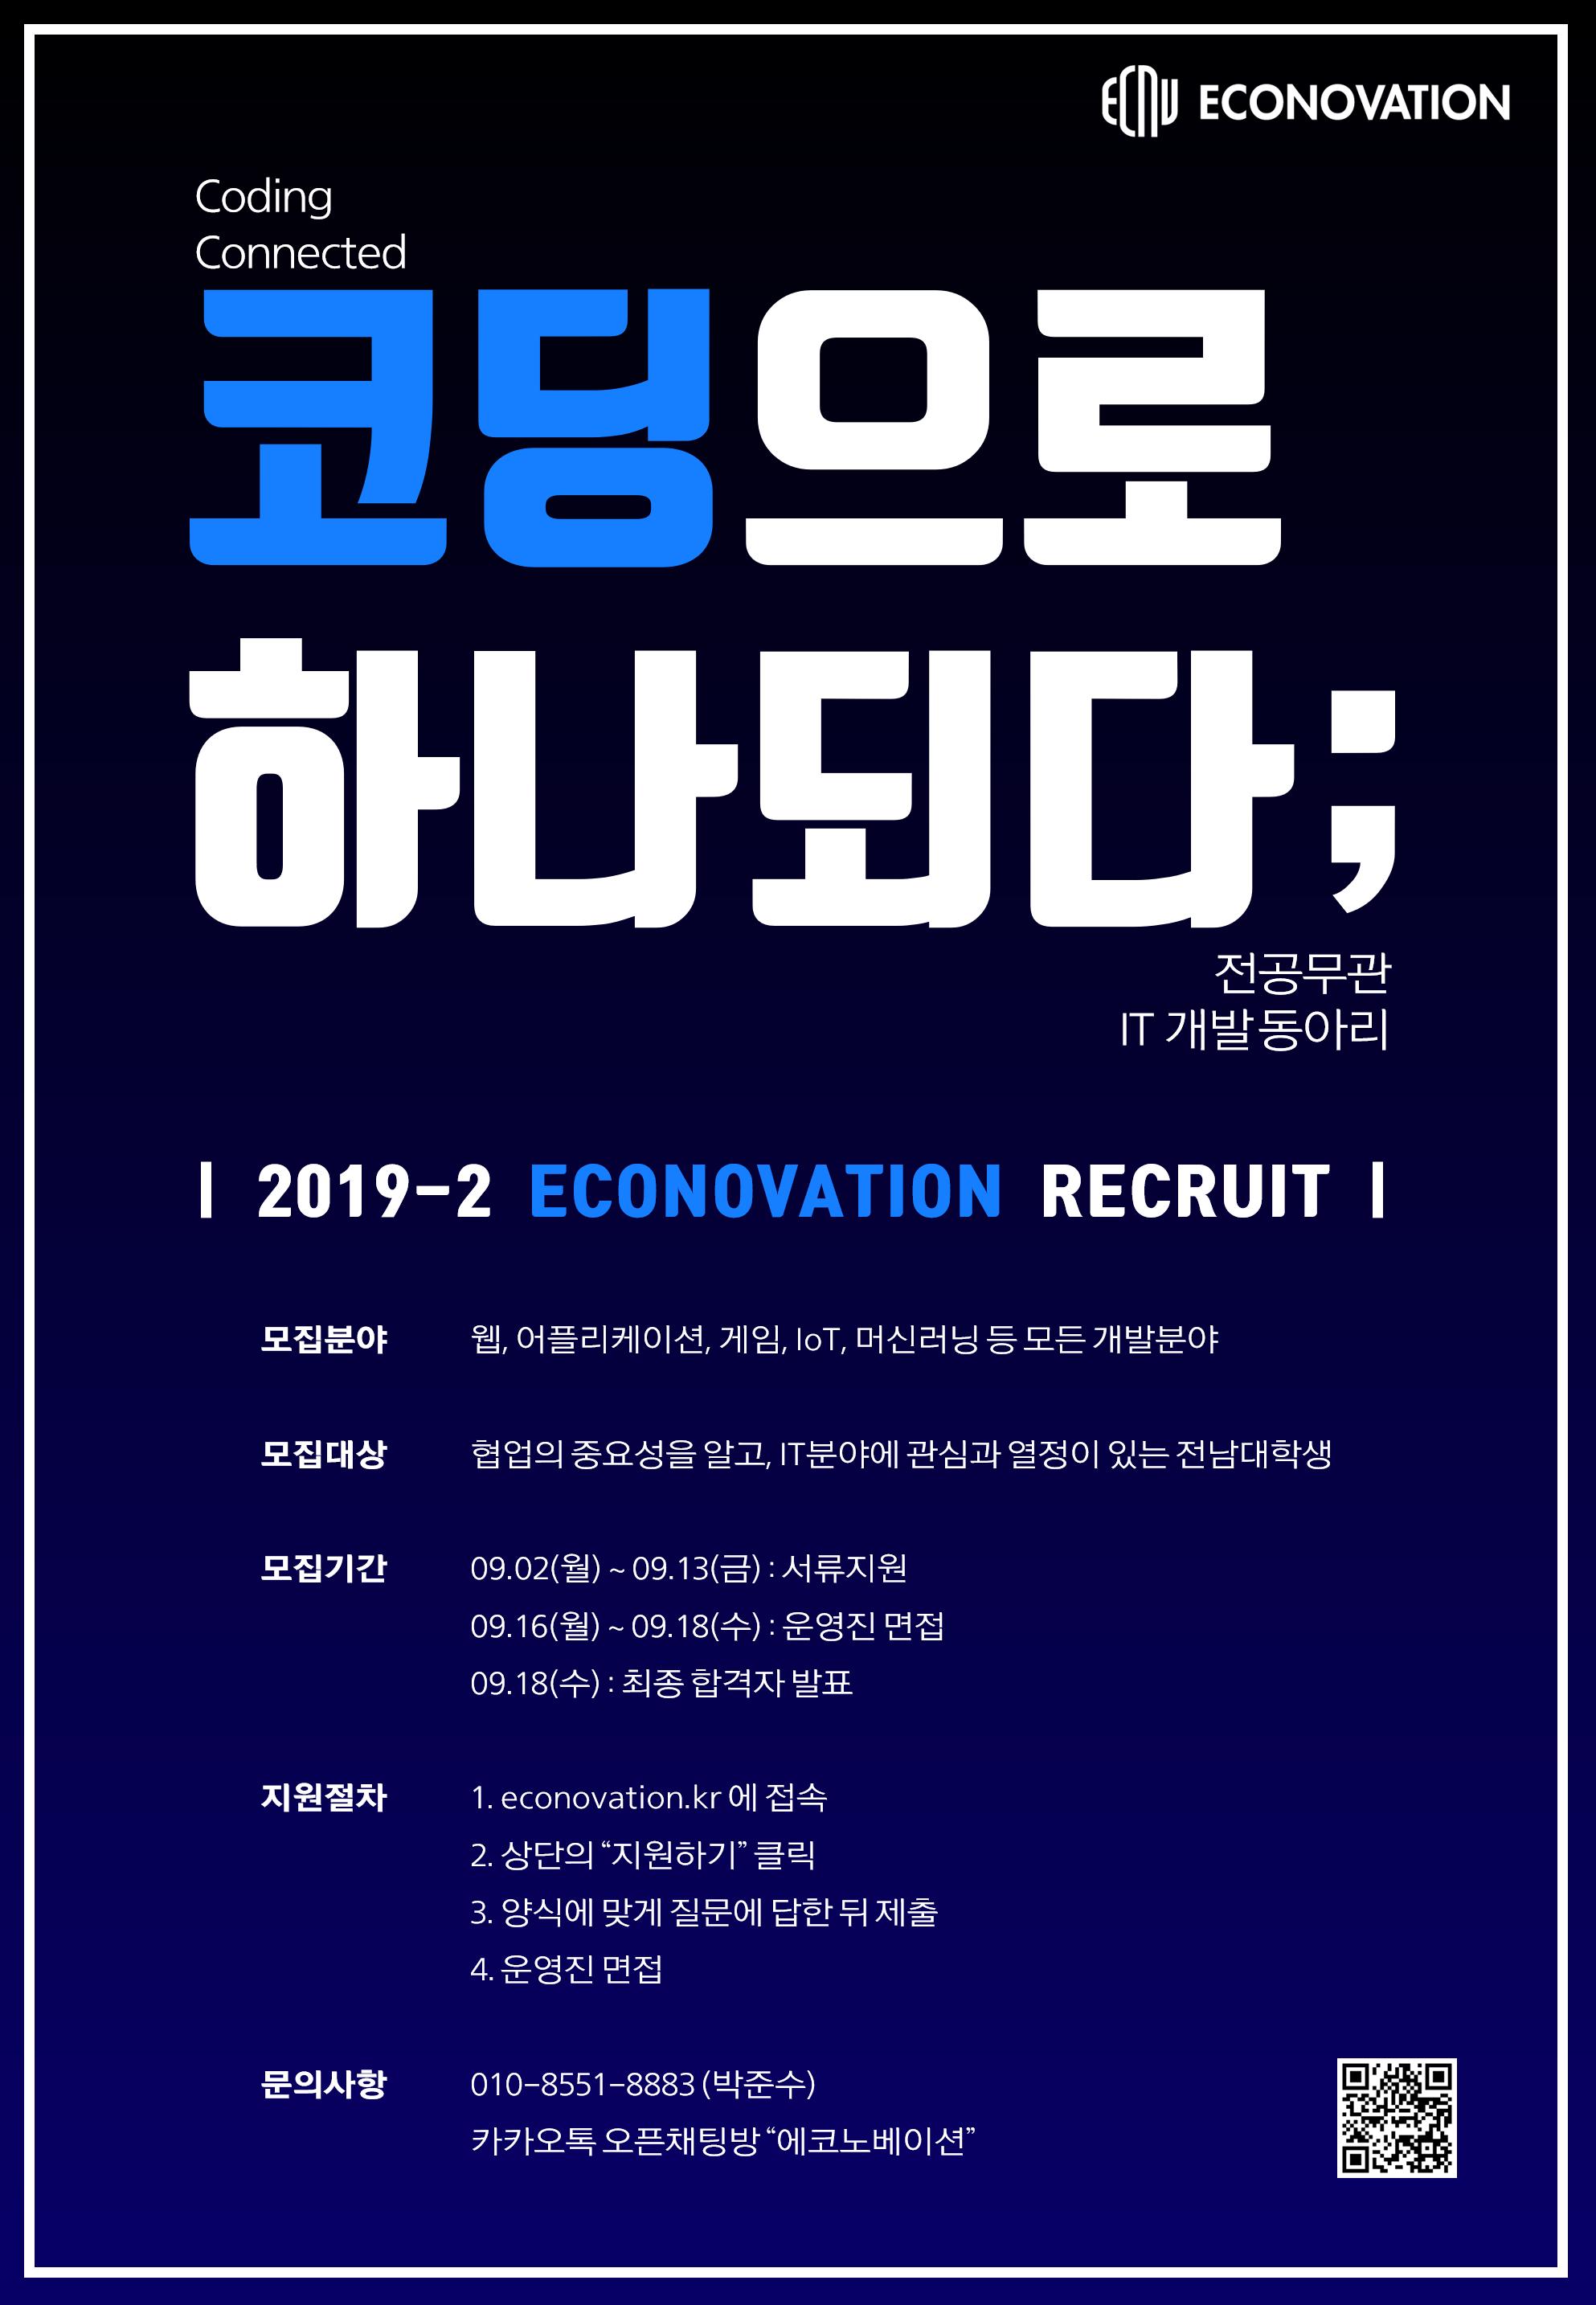 2019.2학기 에코노베이션 신규 회원 모집